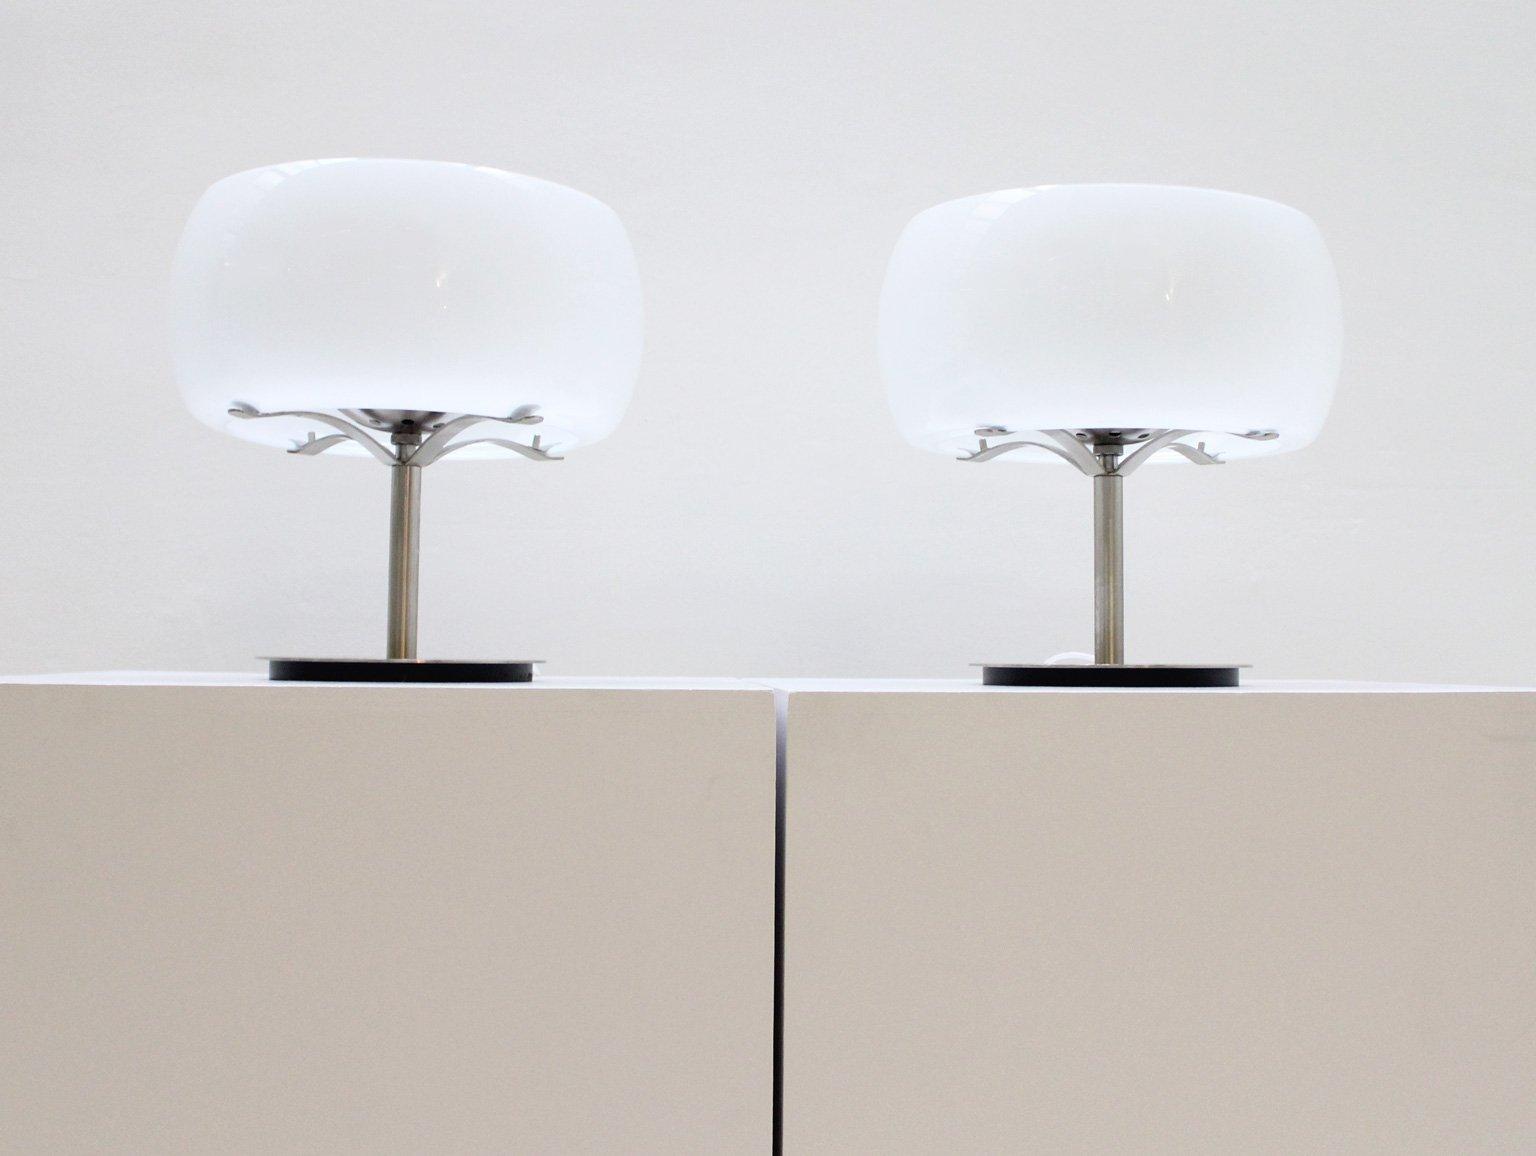 Italienische Erse Tischlampen von Vico Magistretti für Artemide, 1960e...